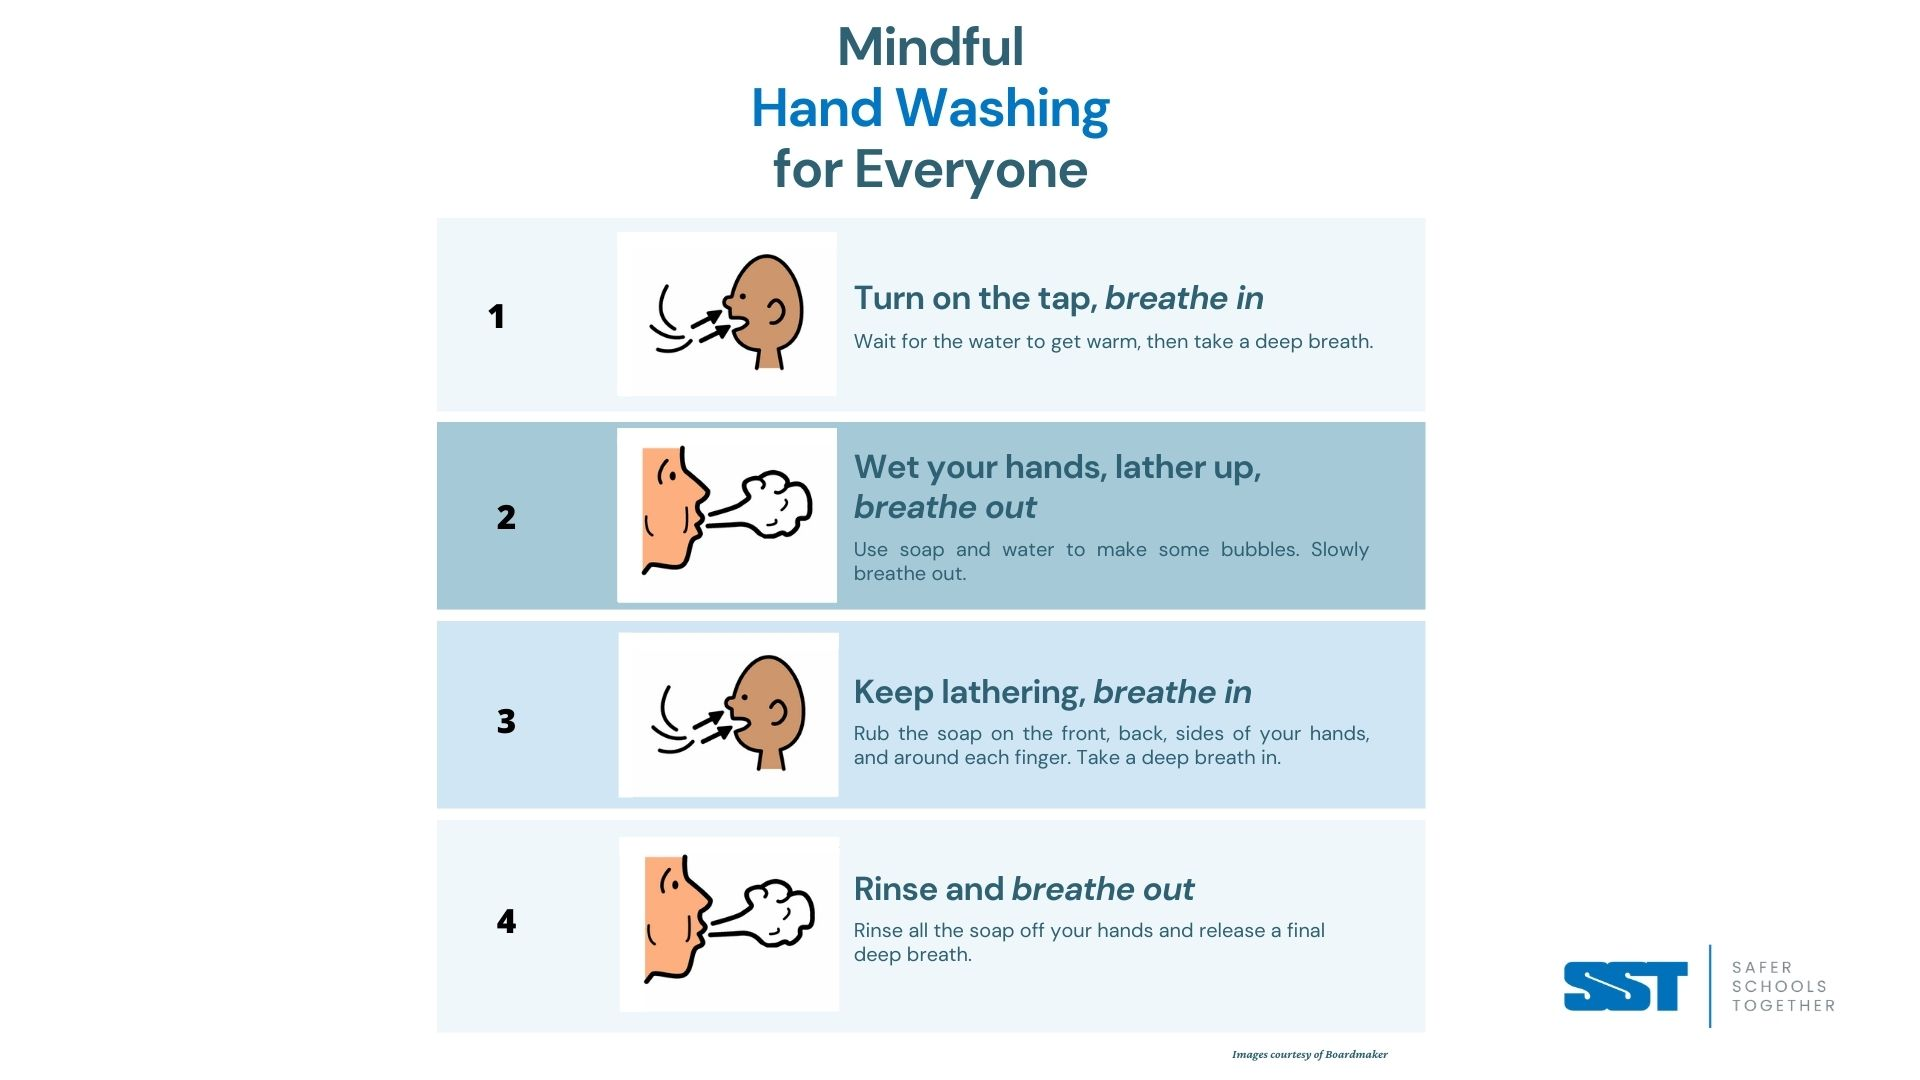 Mindful Hand Washing image